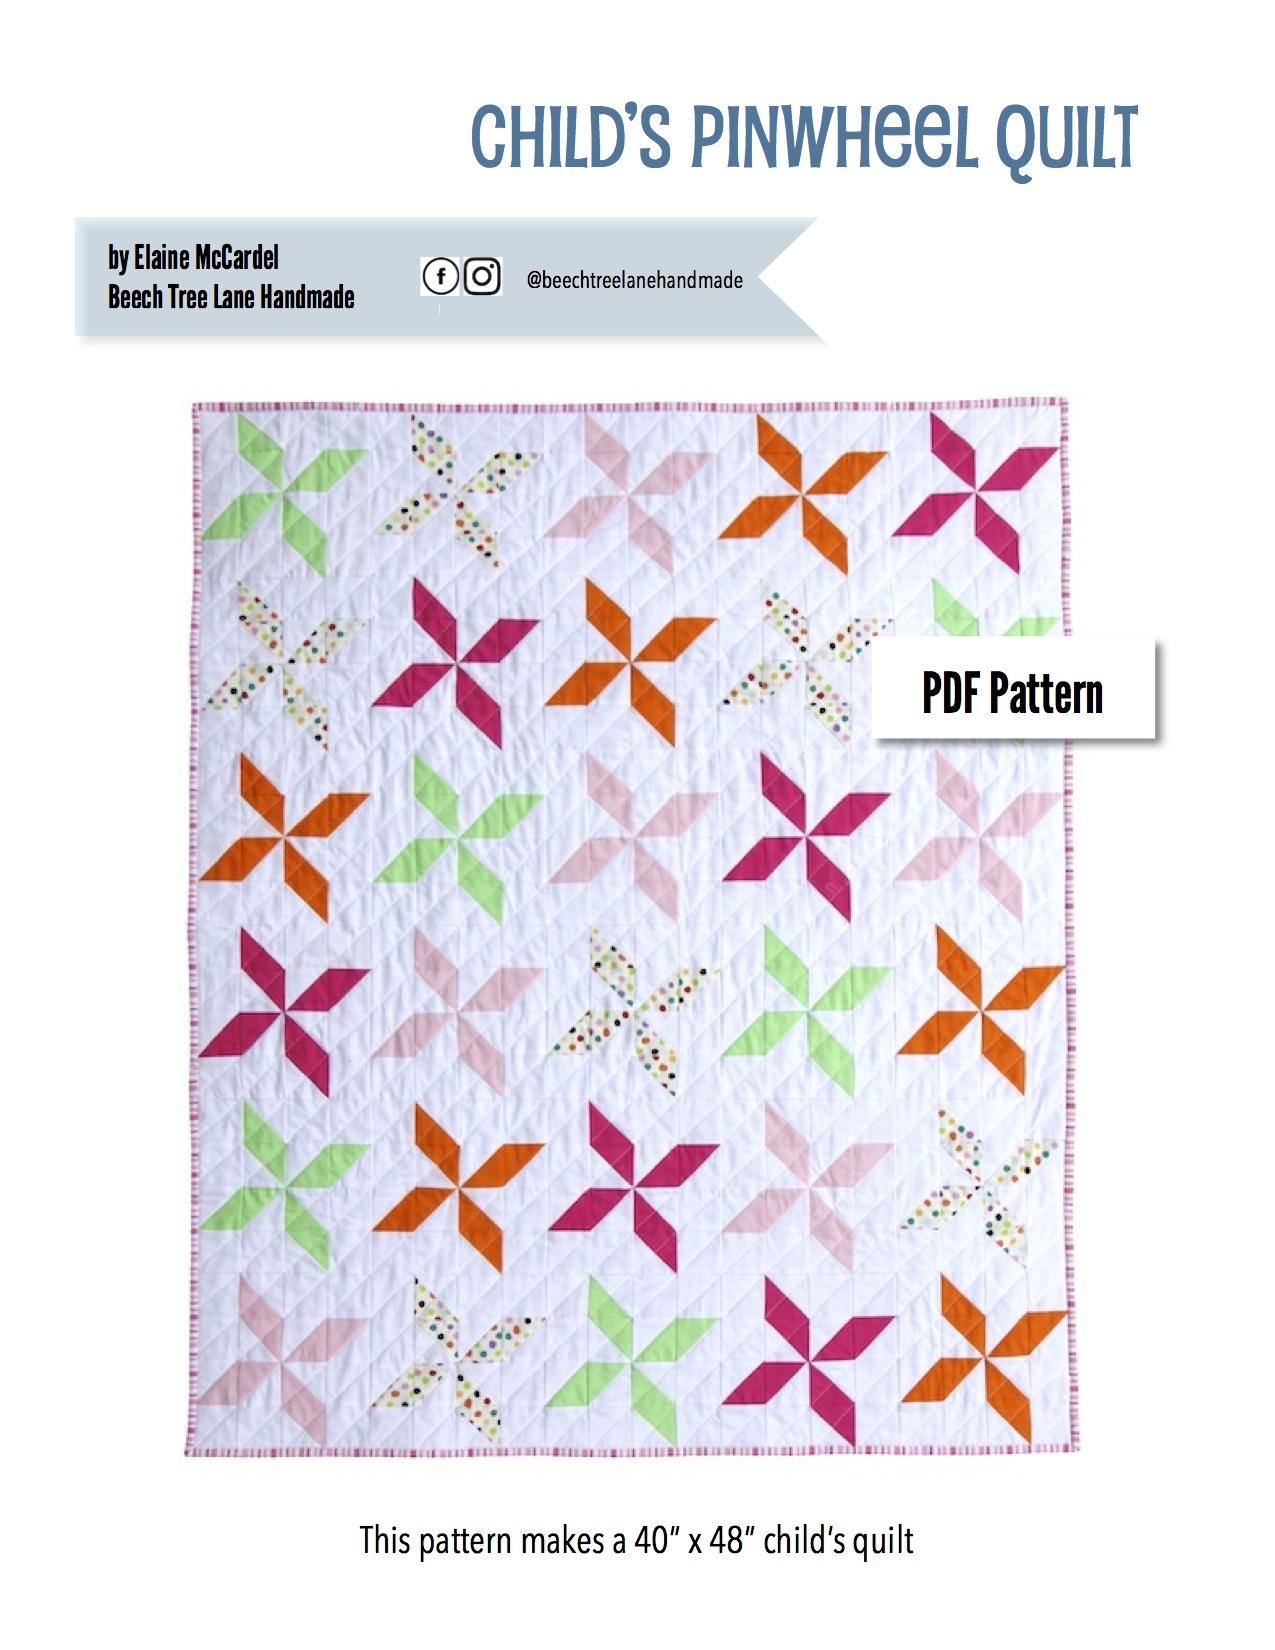 Child's Pinwheel Quilt PDF Pattern